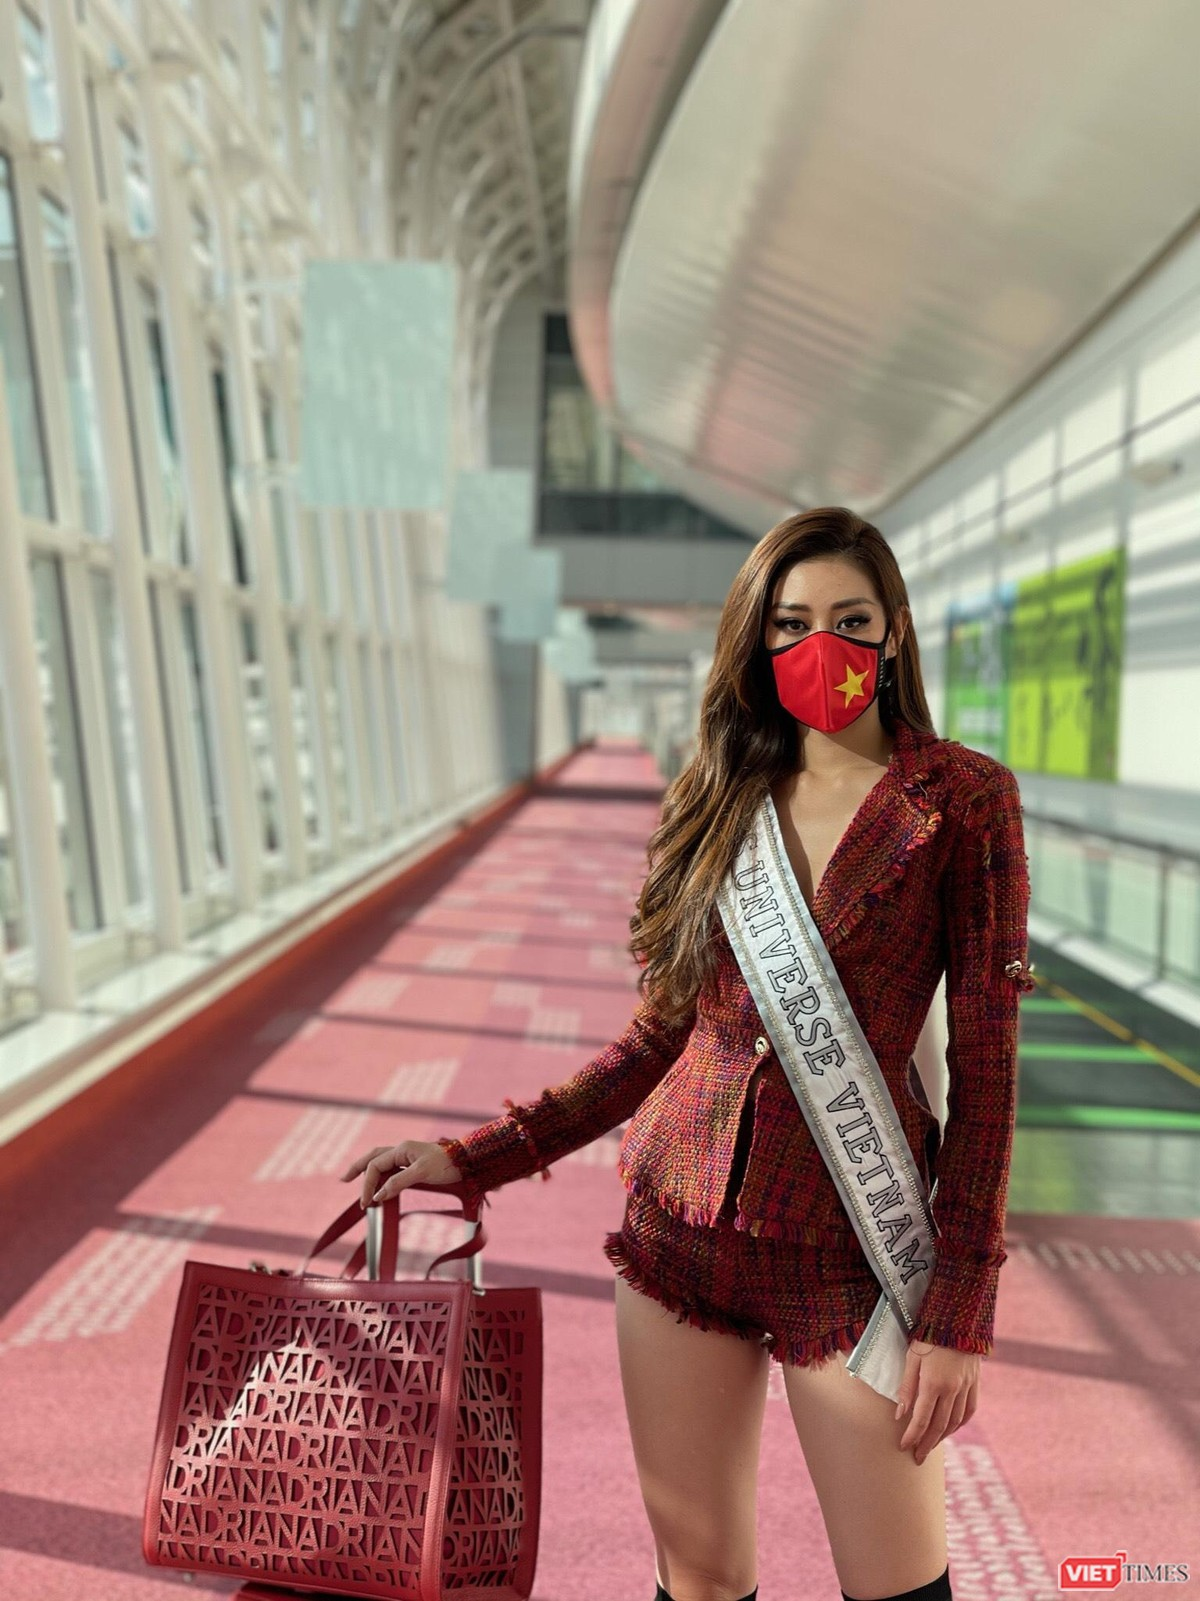 Hoa hậu Khánh Vân được dự báo vào top 21 Miss Universe ảnh 4